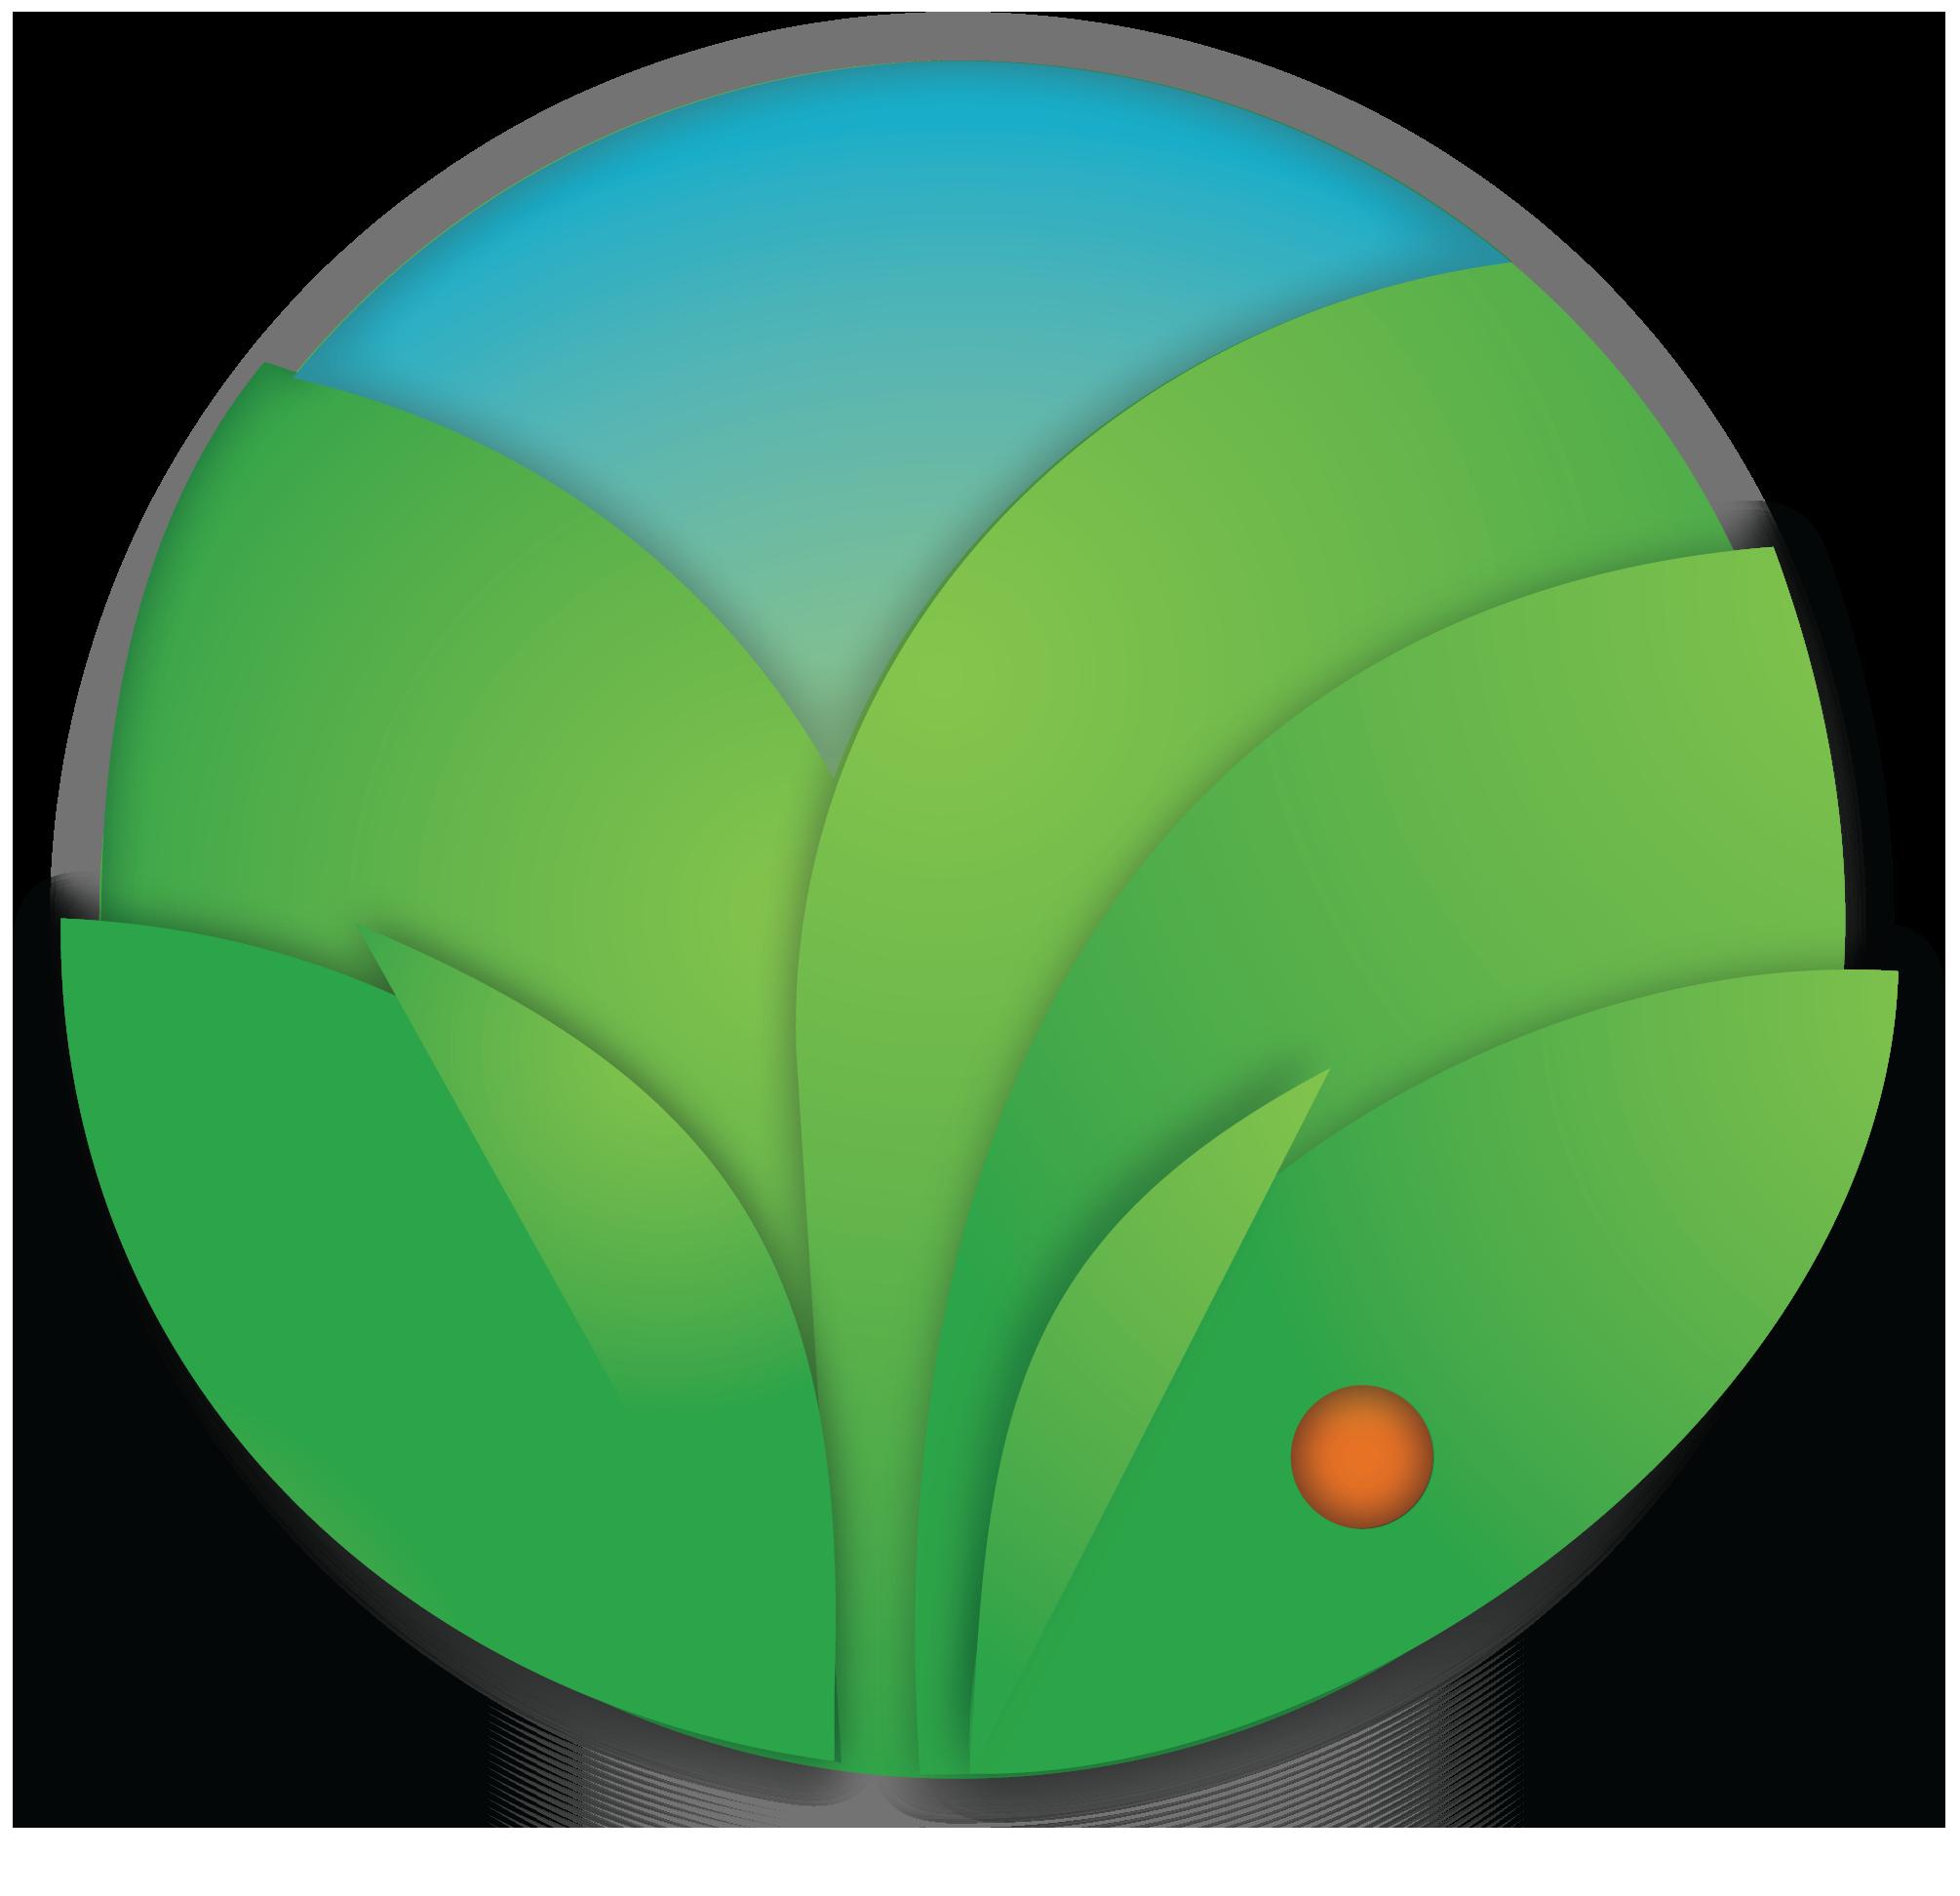 logo-green-spot-technologies